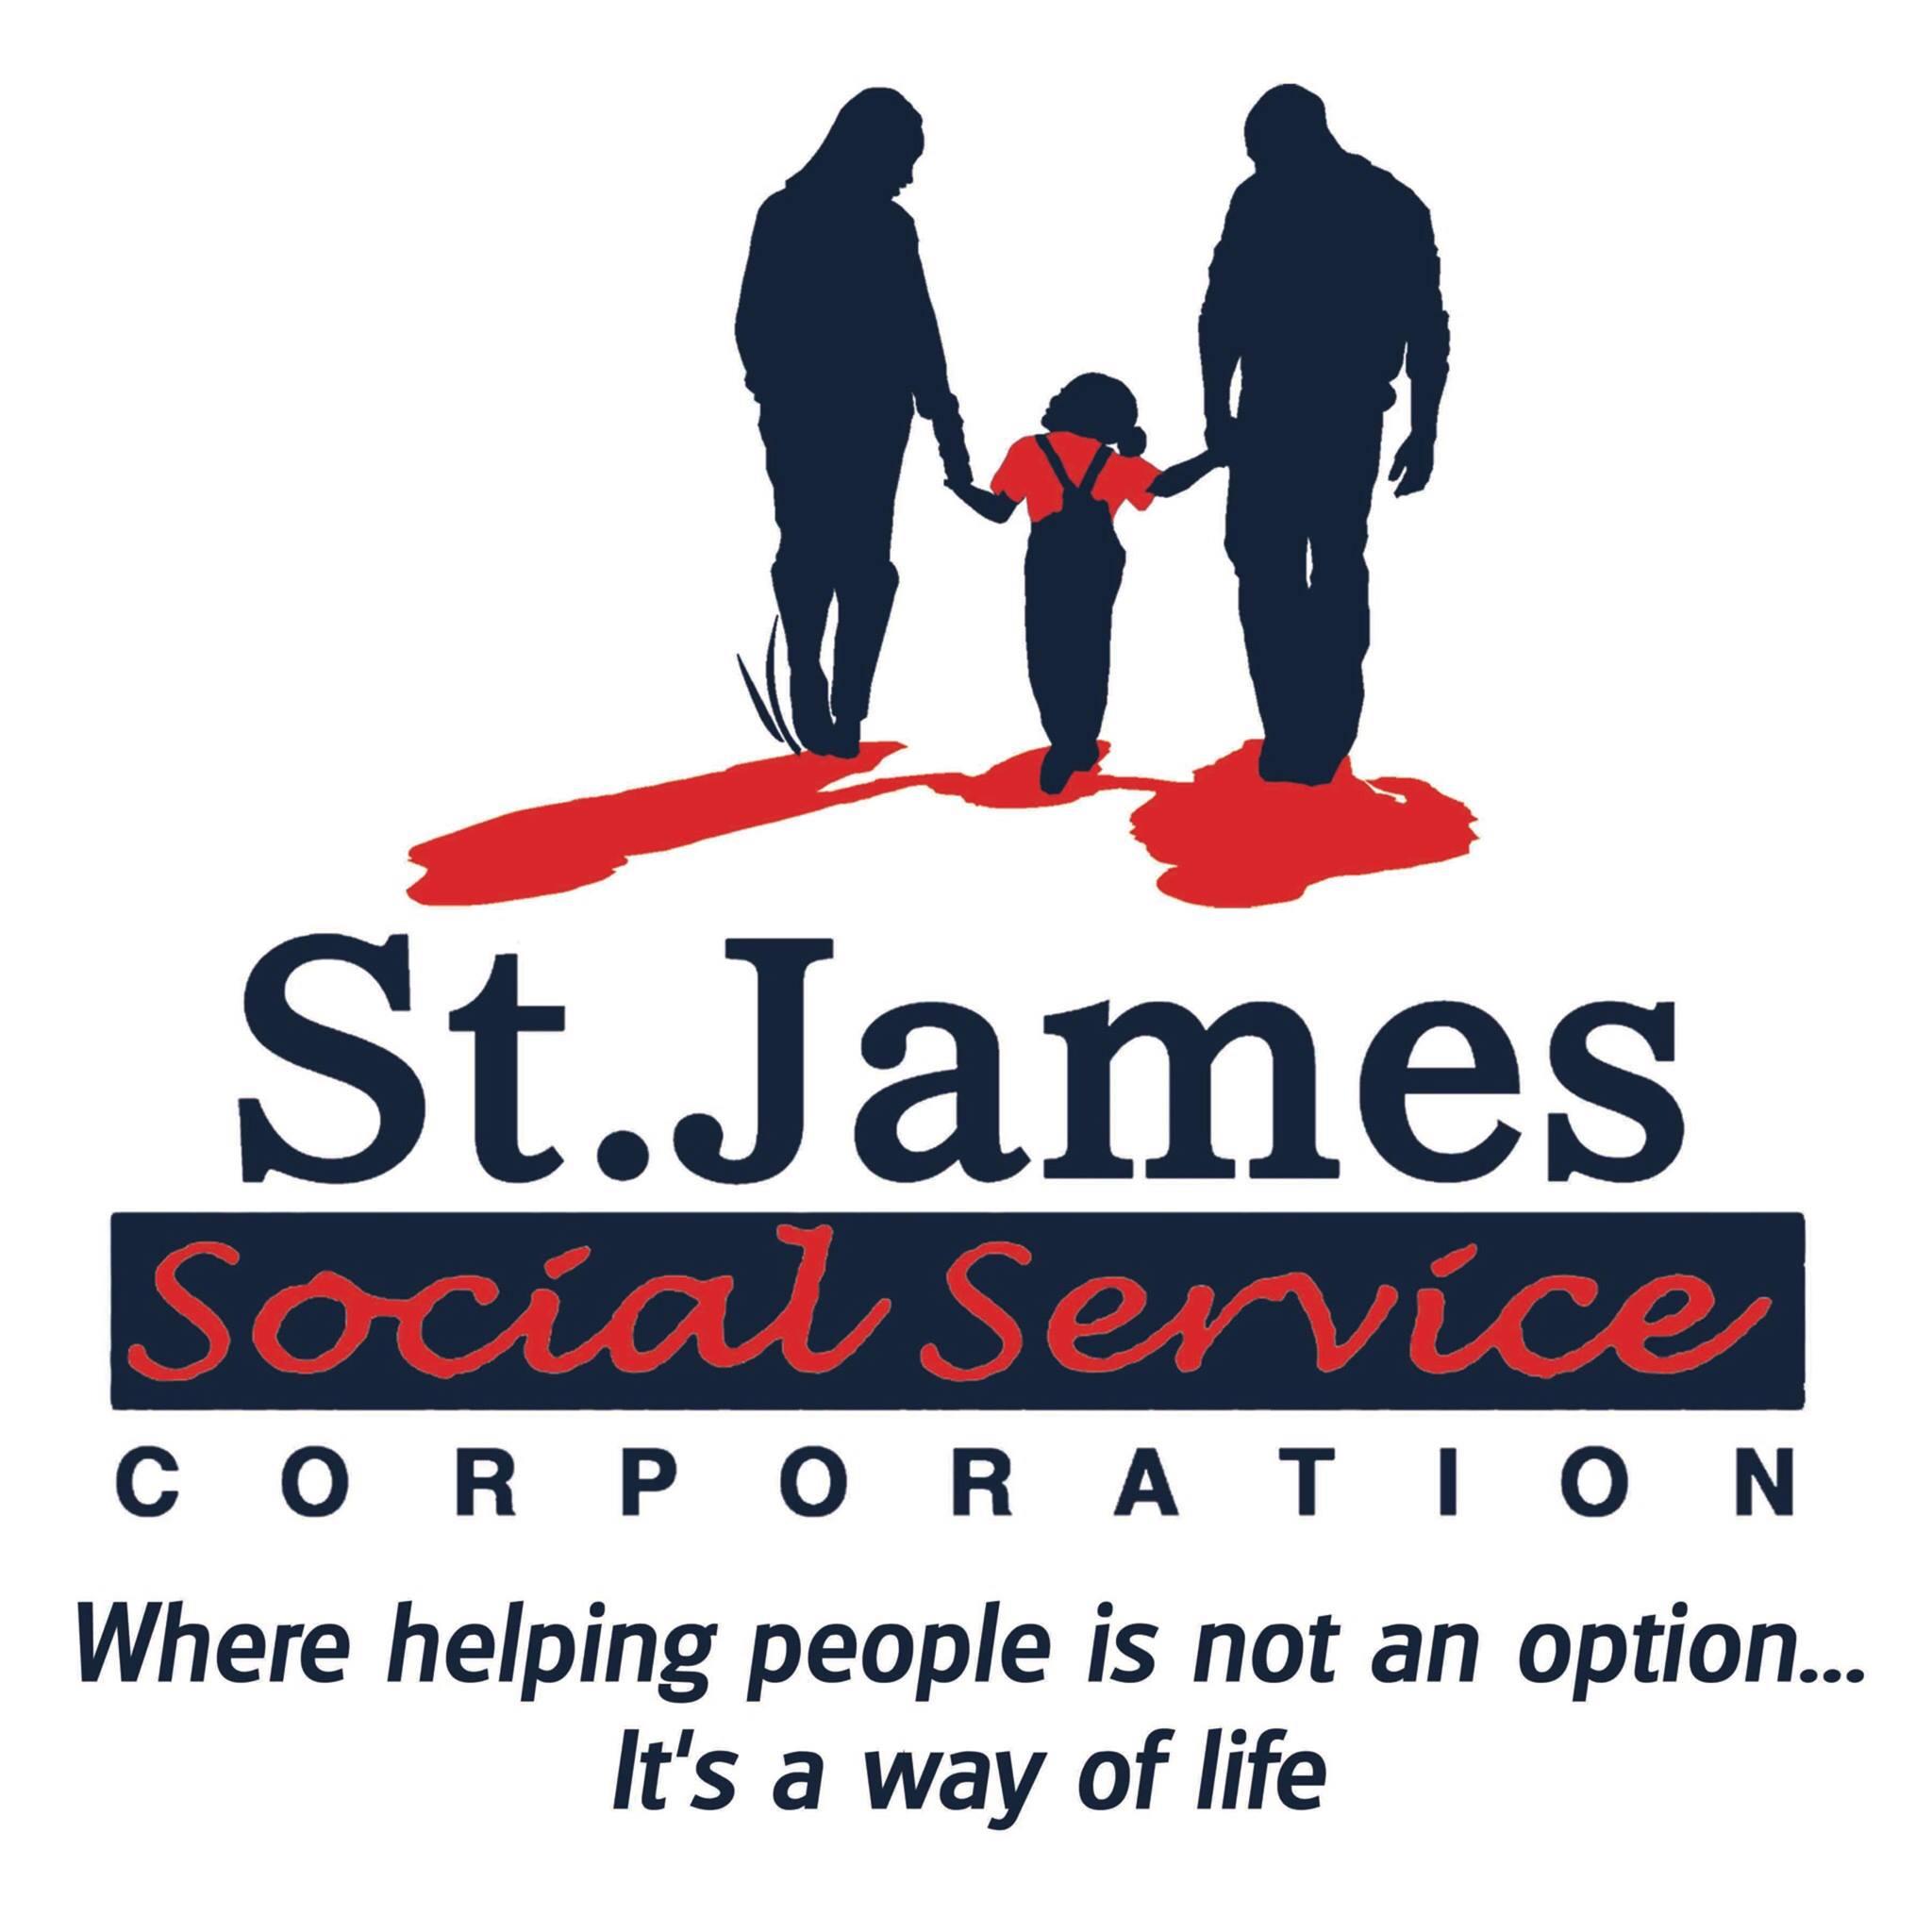 St. James Social Services